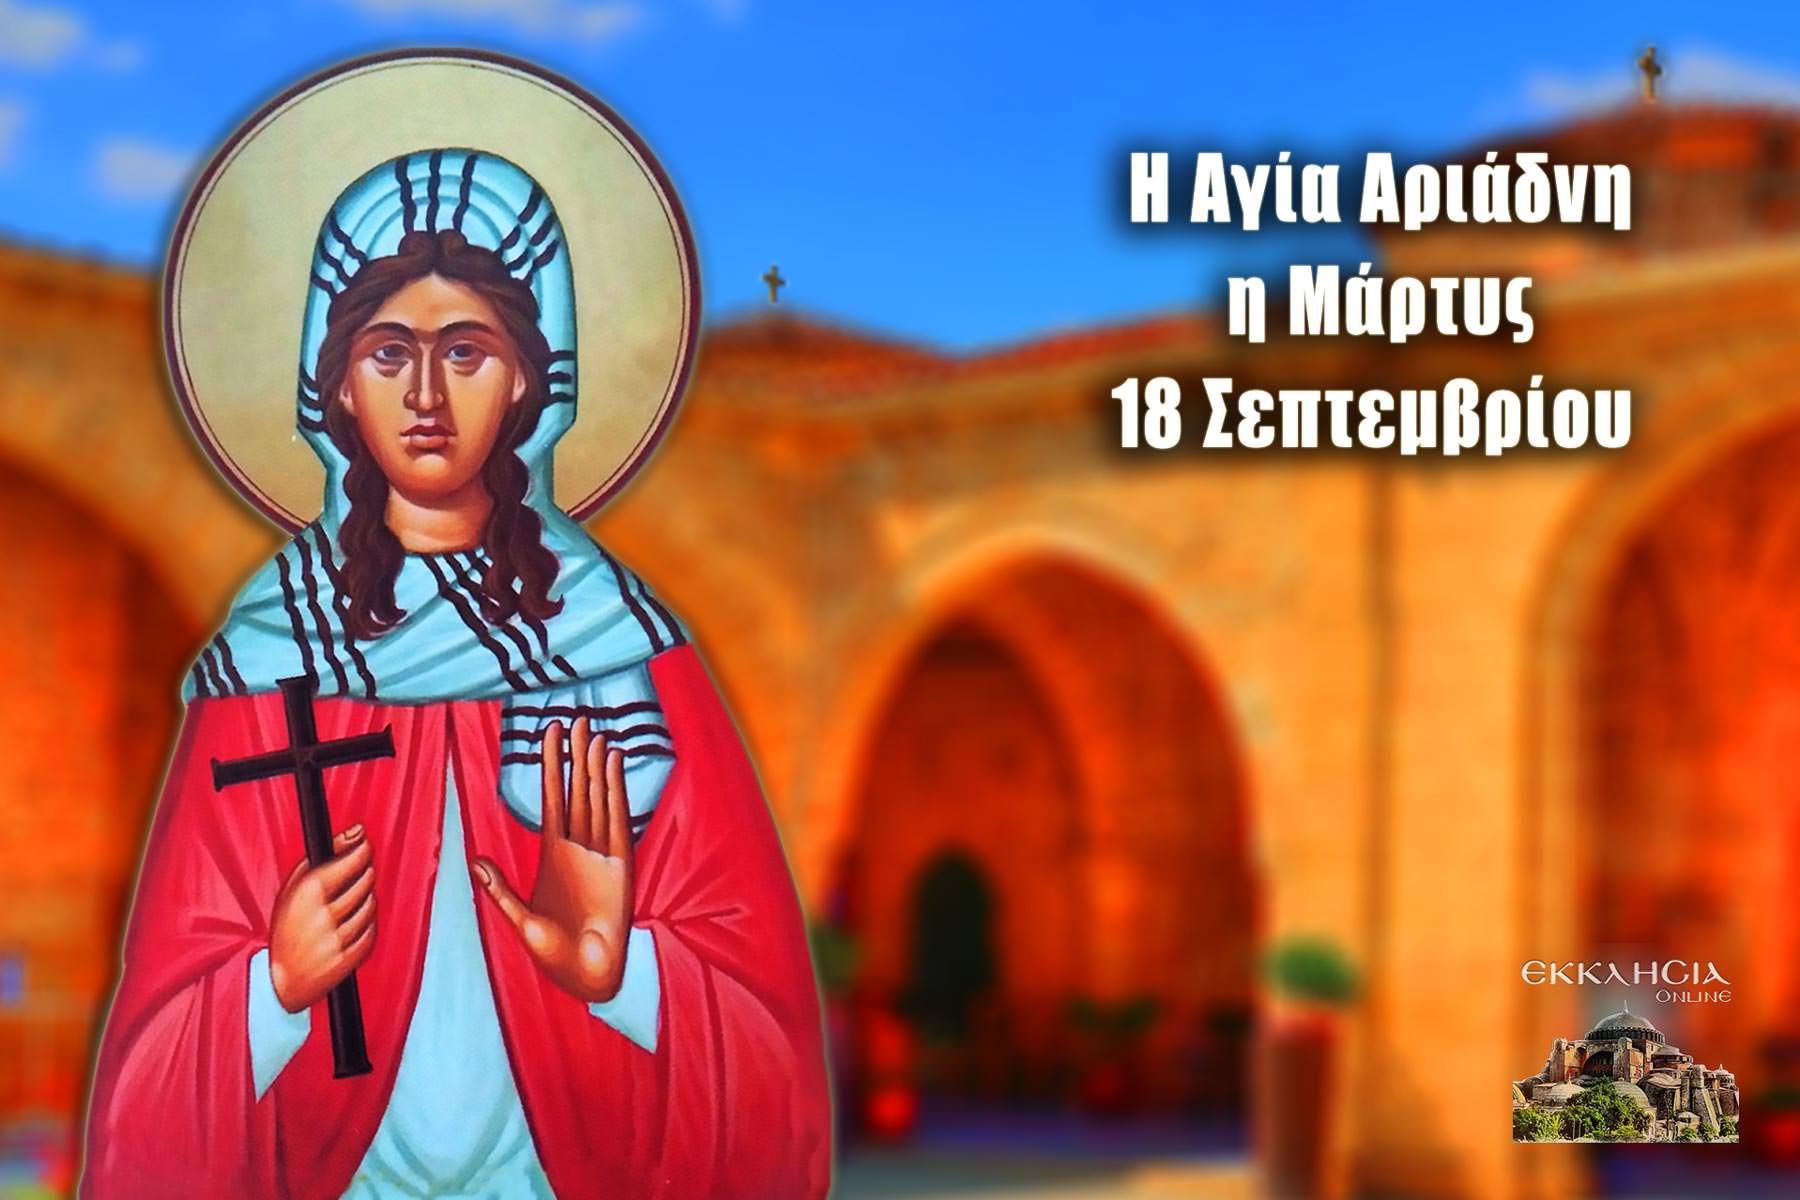 Αγία Αριάδνη 18 Σεπτεμβρίου